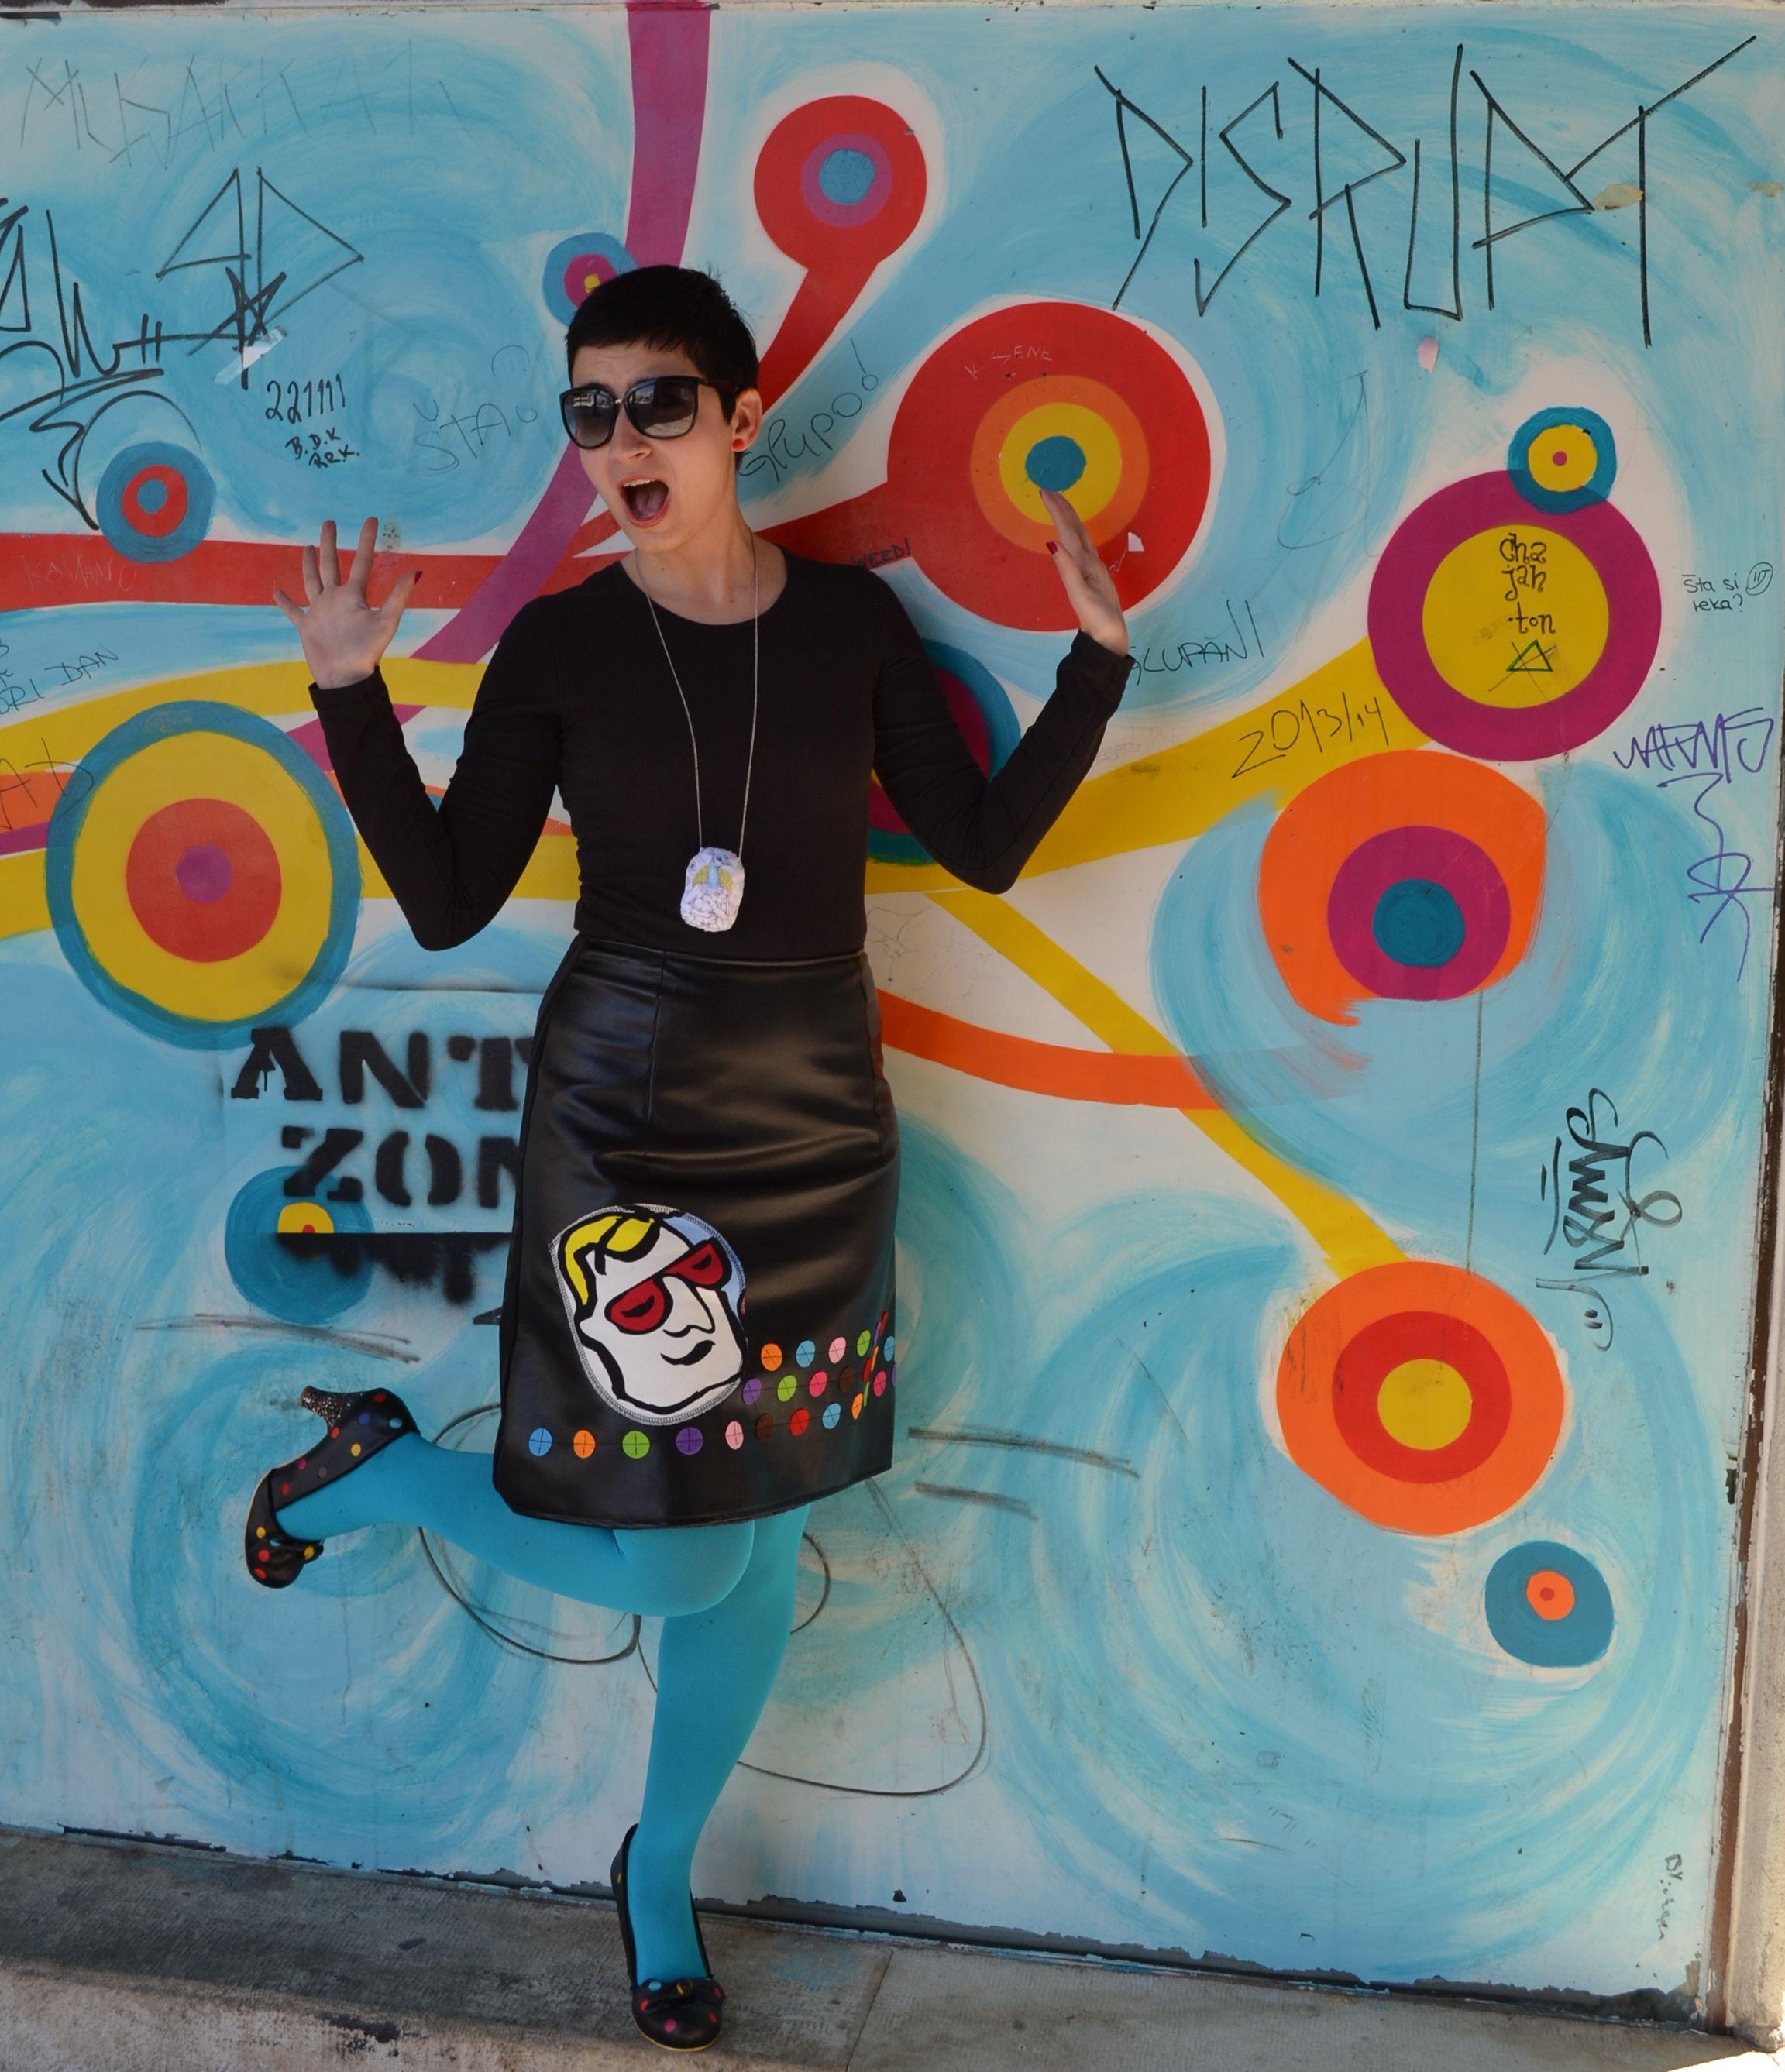 sito affidabile prezzo incredibile scelta migliore Pop Art stole my heart: Bite My Style skirt, H&M stockings ...